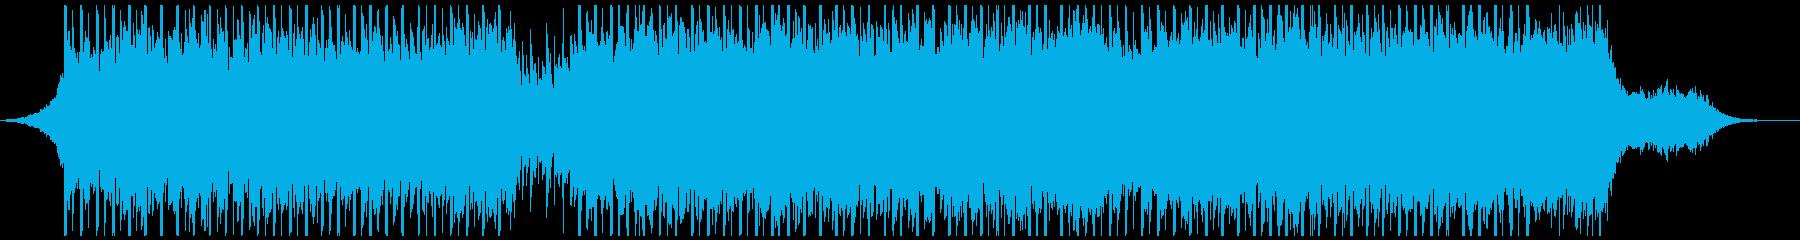 健康(60秒)の再生済みの波形